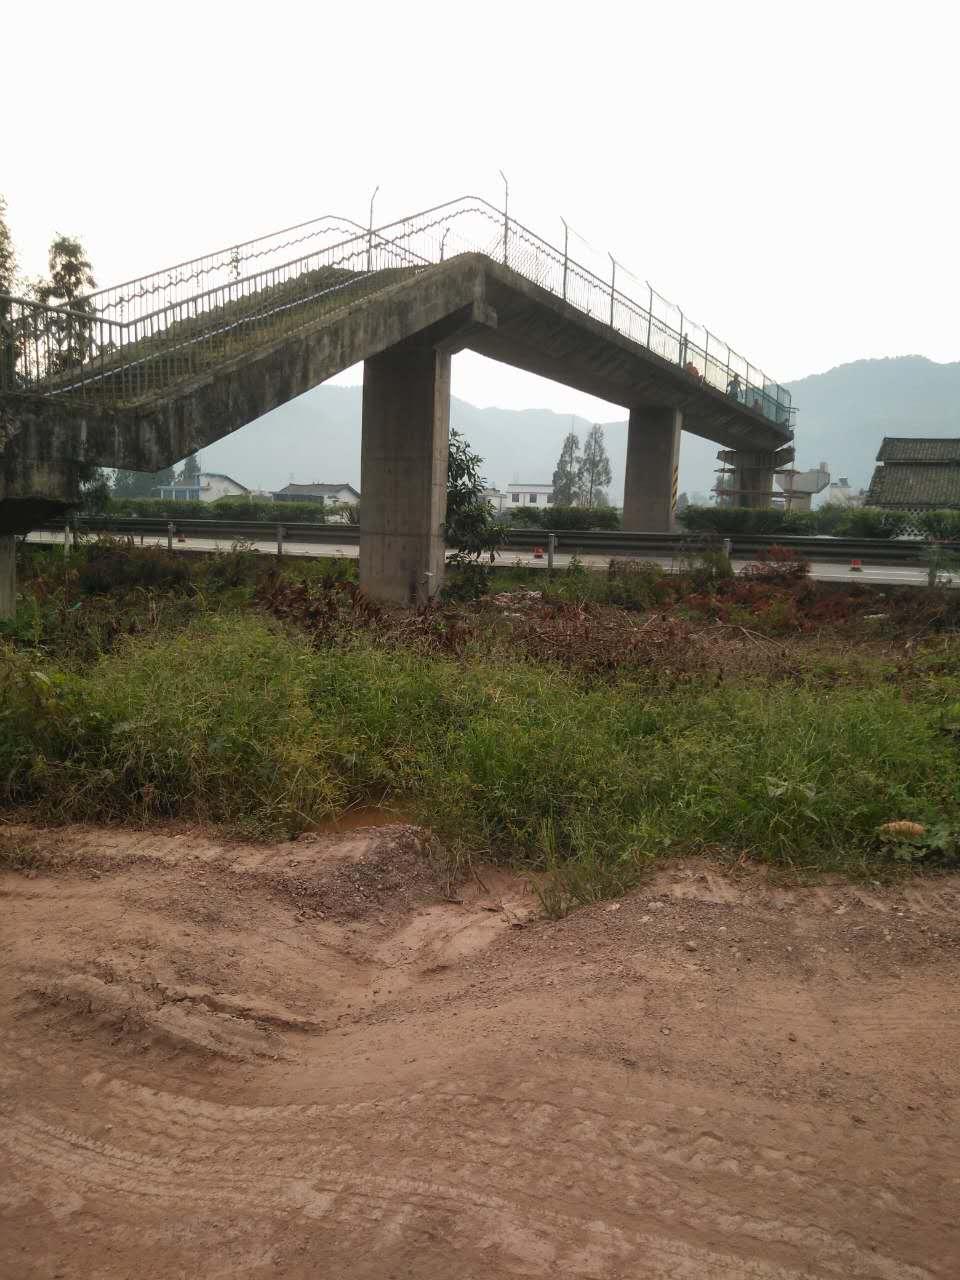 重庆桥梁切割公司-墙体切割加工-重庆镪固建筑工程有限公司